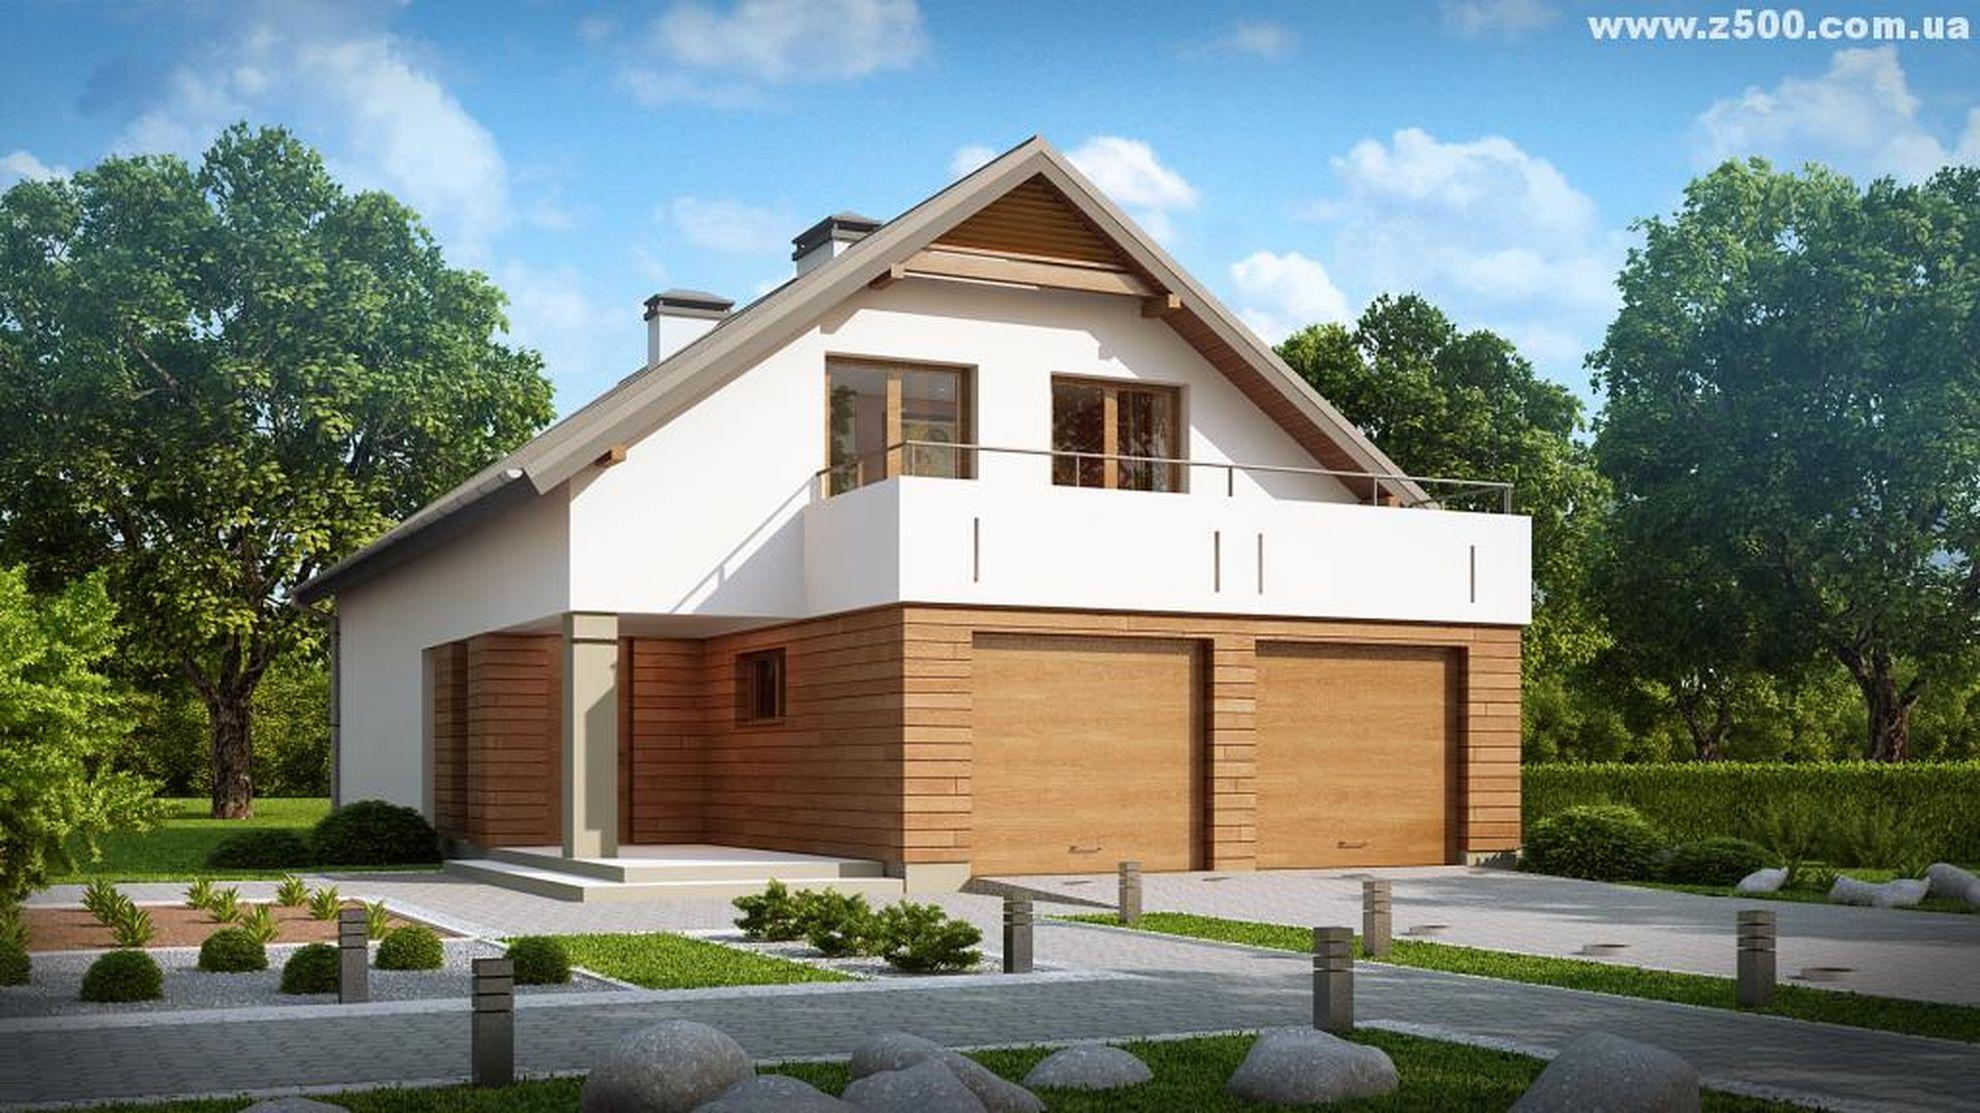 Проект двухэтажного дома с террасой над гаражом.